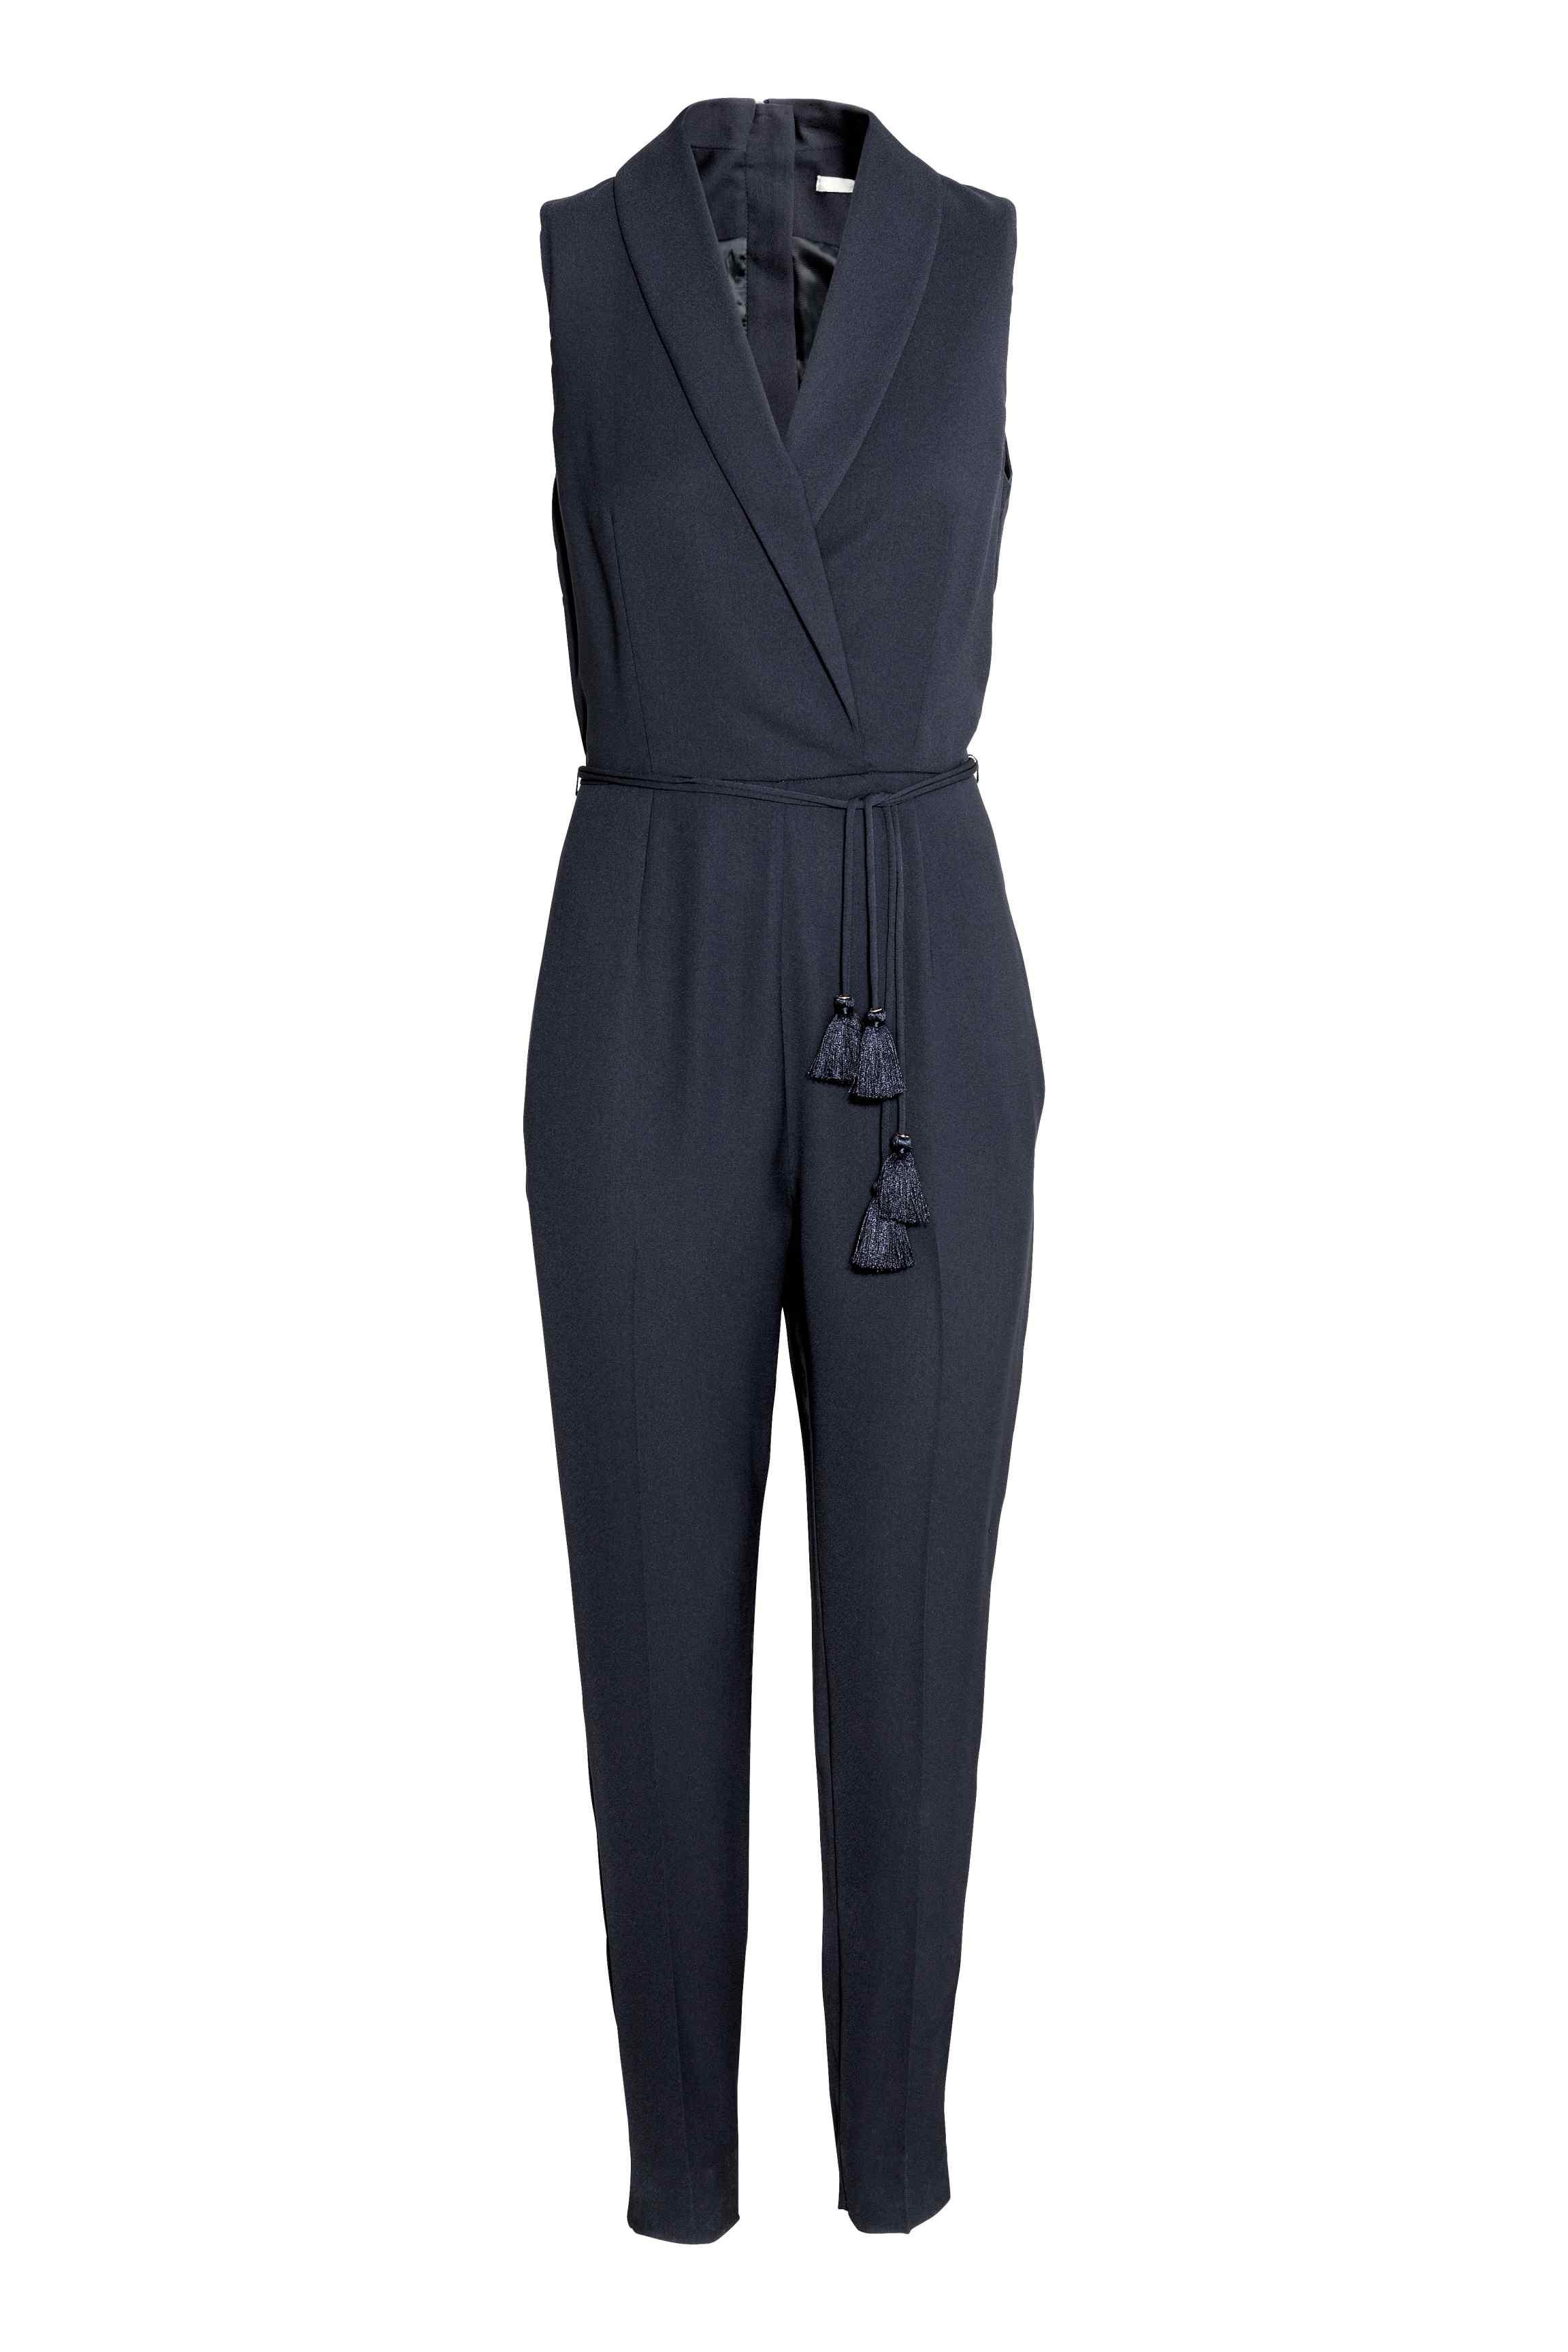 Combinaison pantalon pompons h m chic et f minine en combi pantalon elle - Combinaison pantalon femme chic ...